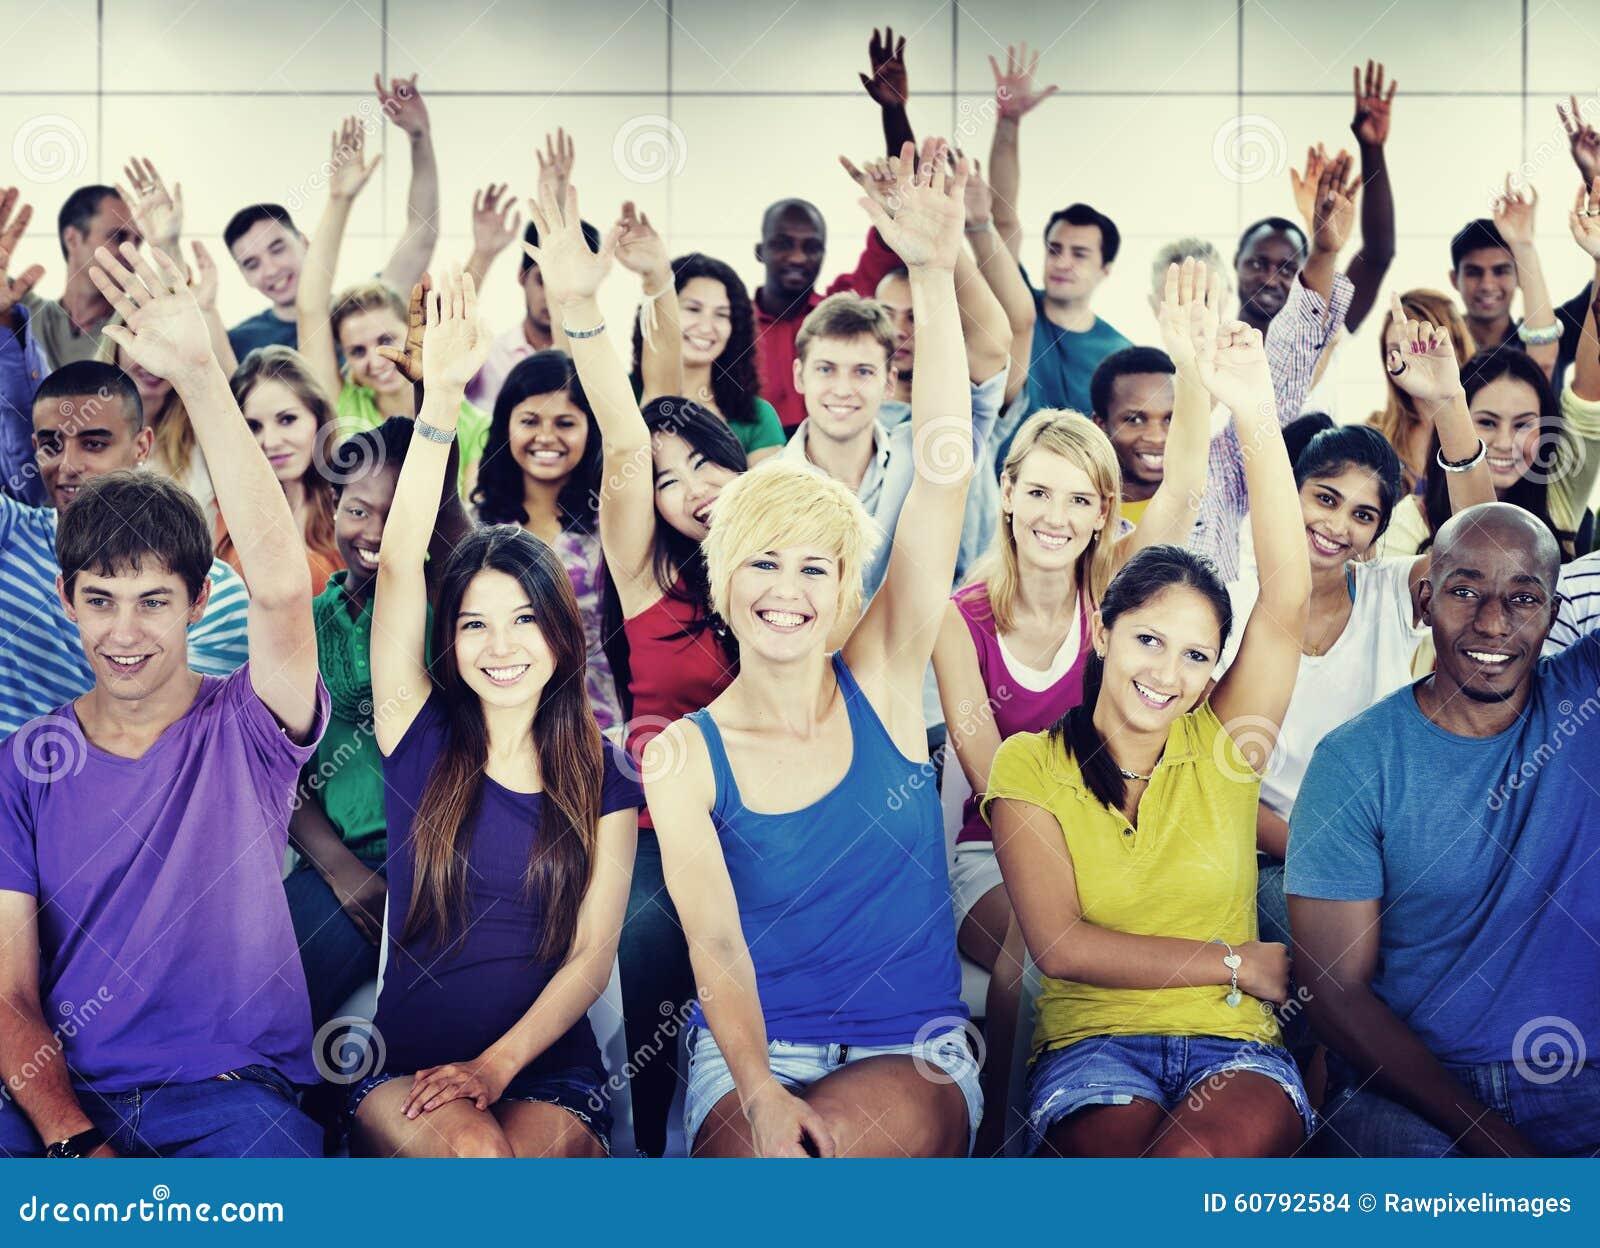 学会的人群庆祝偶然不同的种族概念